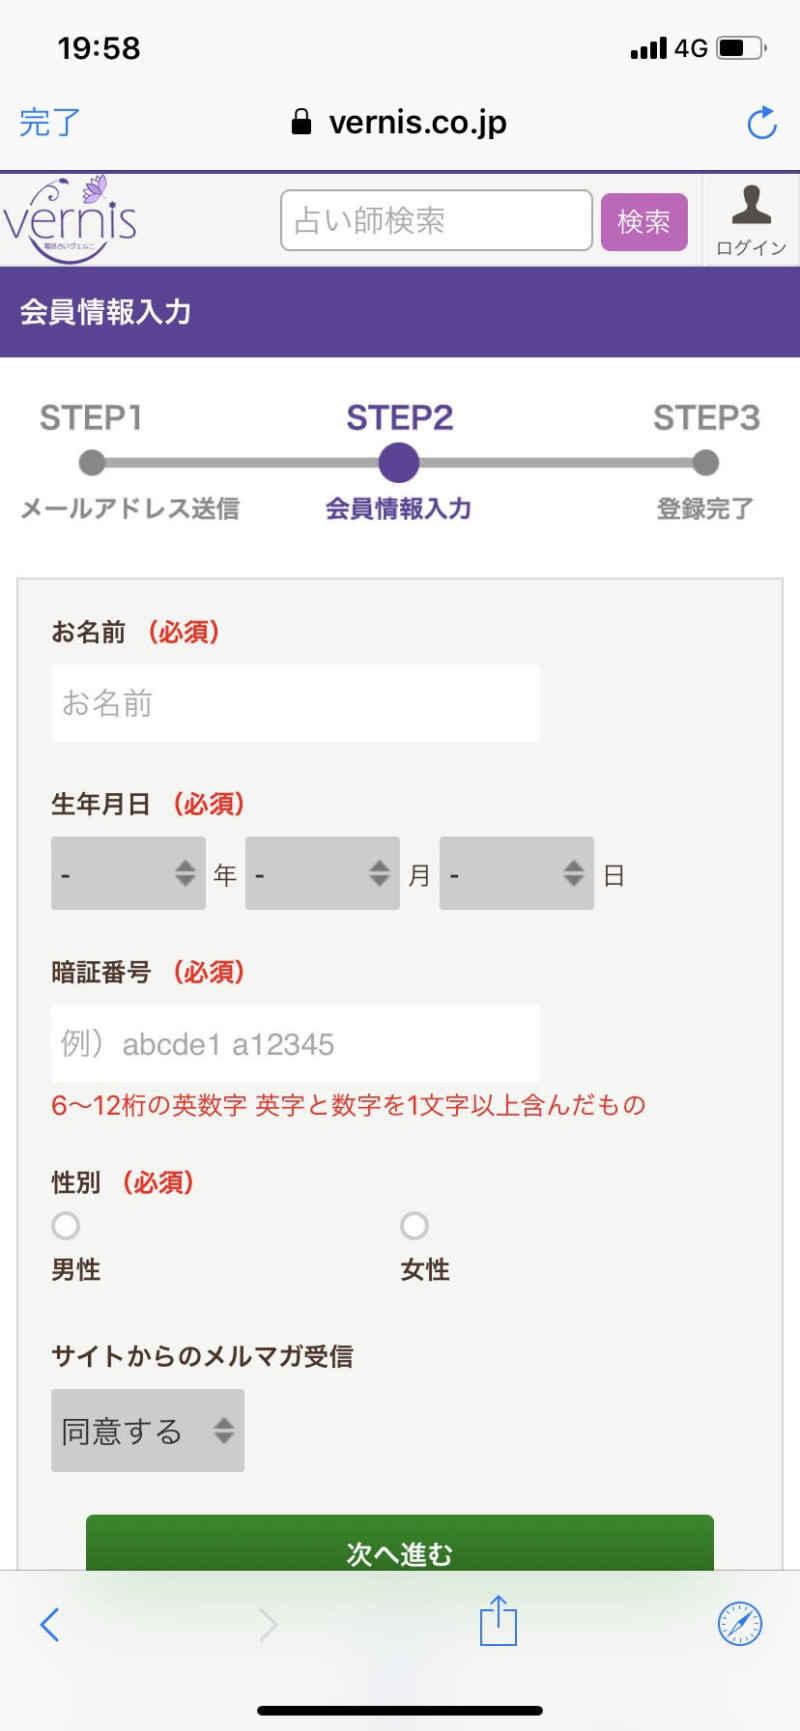 会員情報登録2